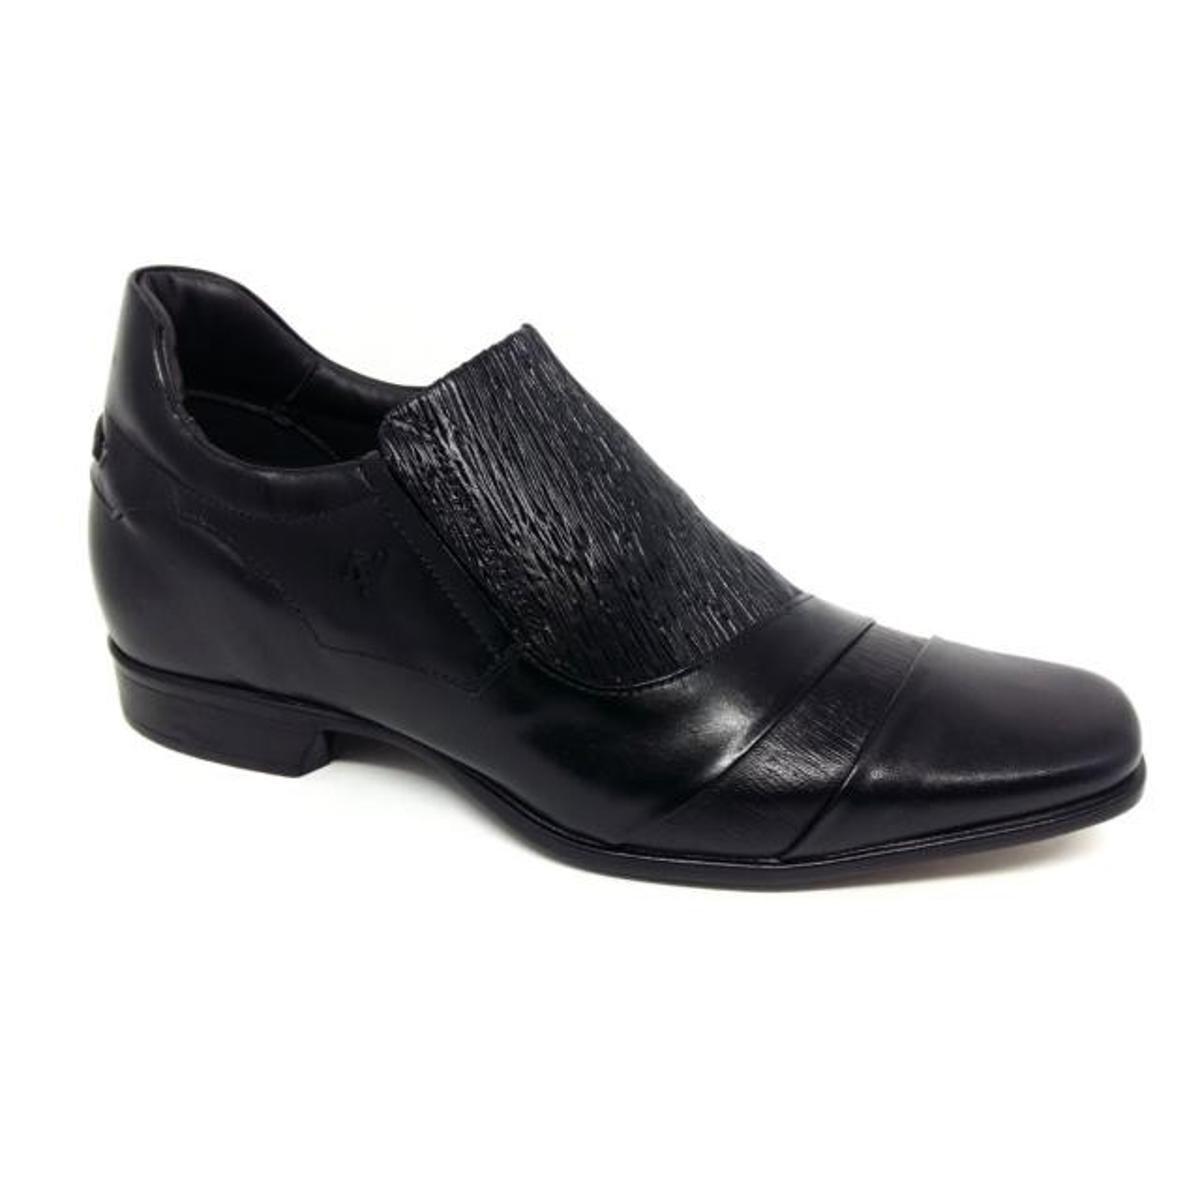 fd245af7d5 Sapato Rafarillo Palmilha De Aumento 7cm Social Masculino - Preto   Zattini